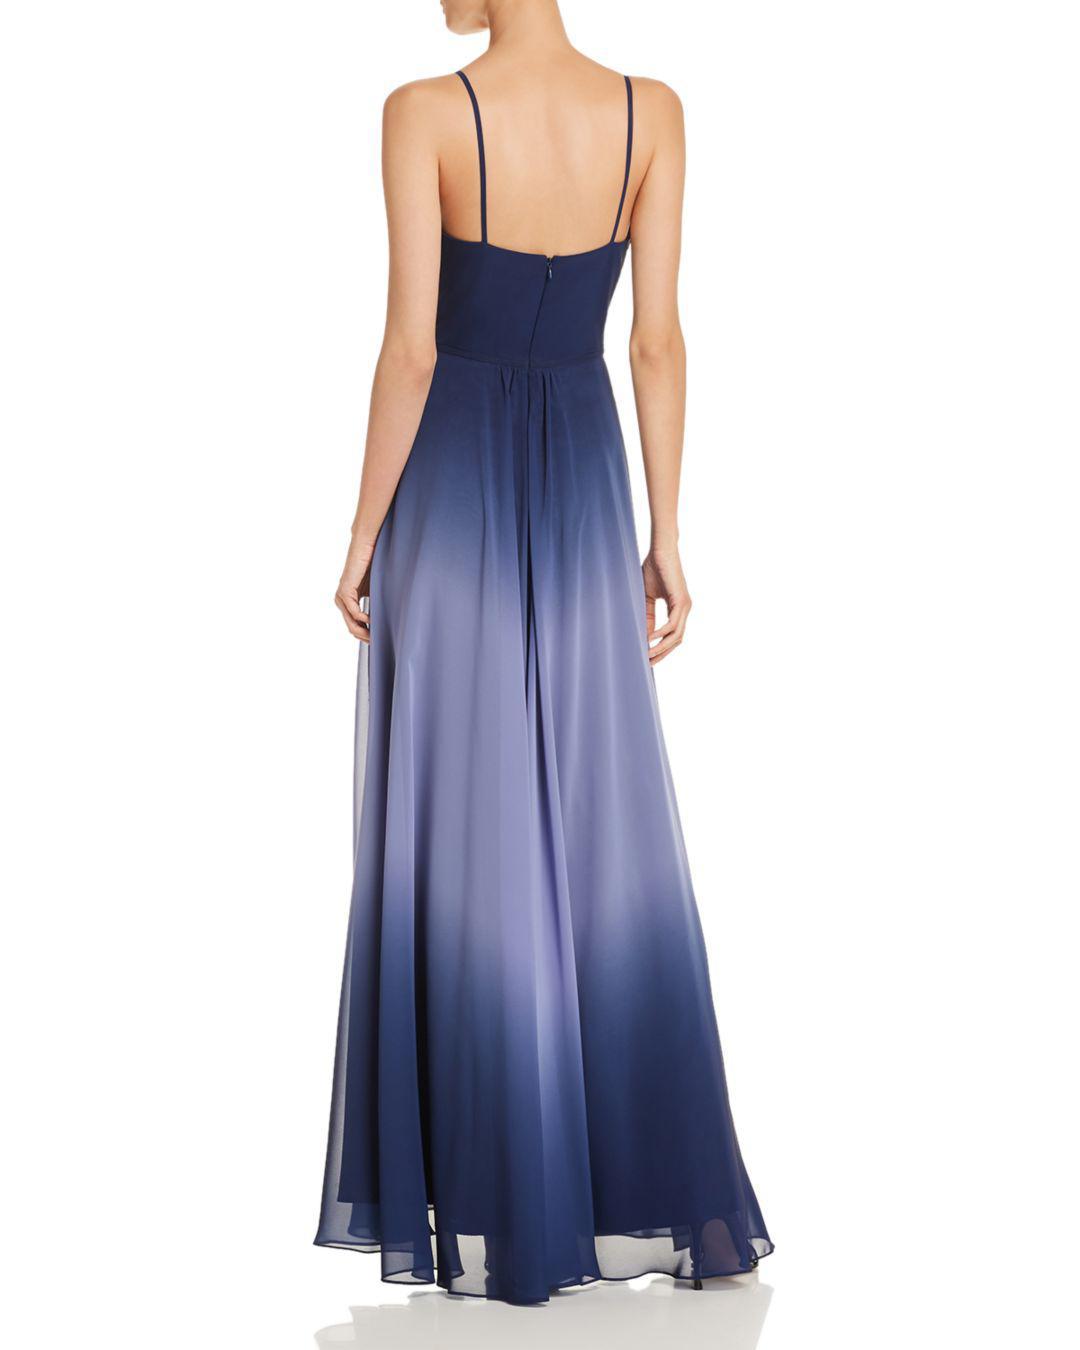 Lyst - Aqua Ombré Chiffon Gown in Blue